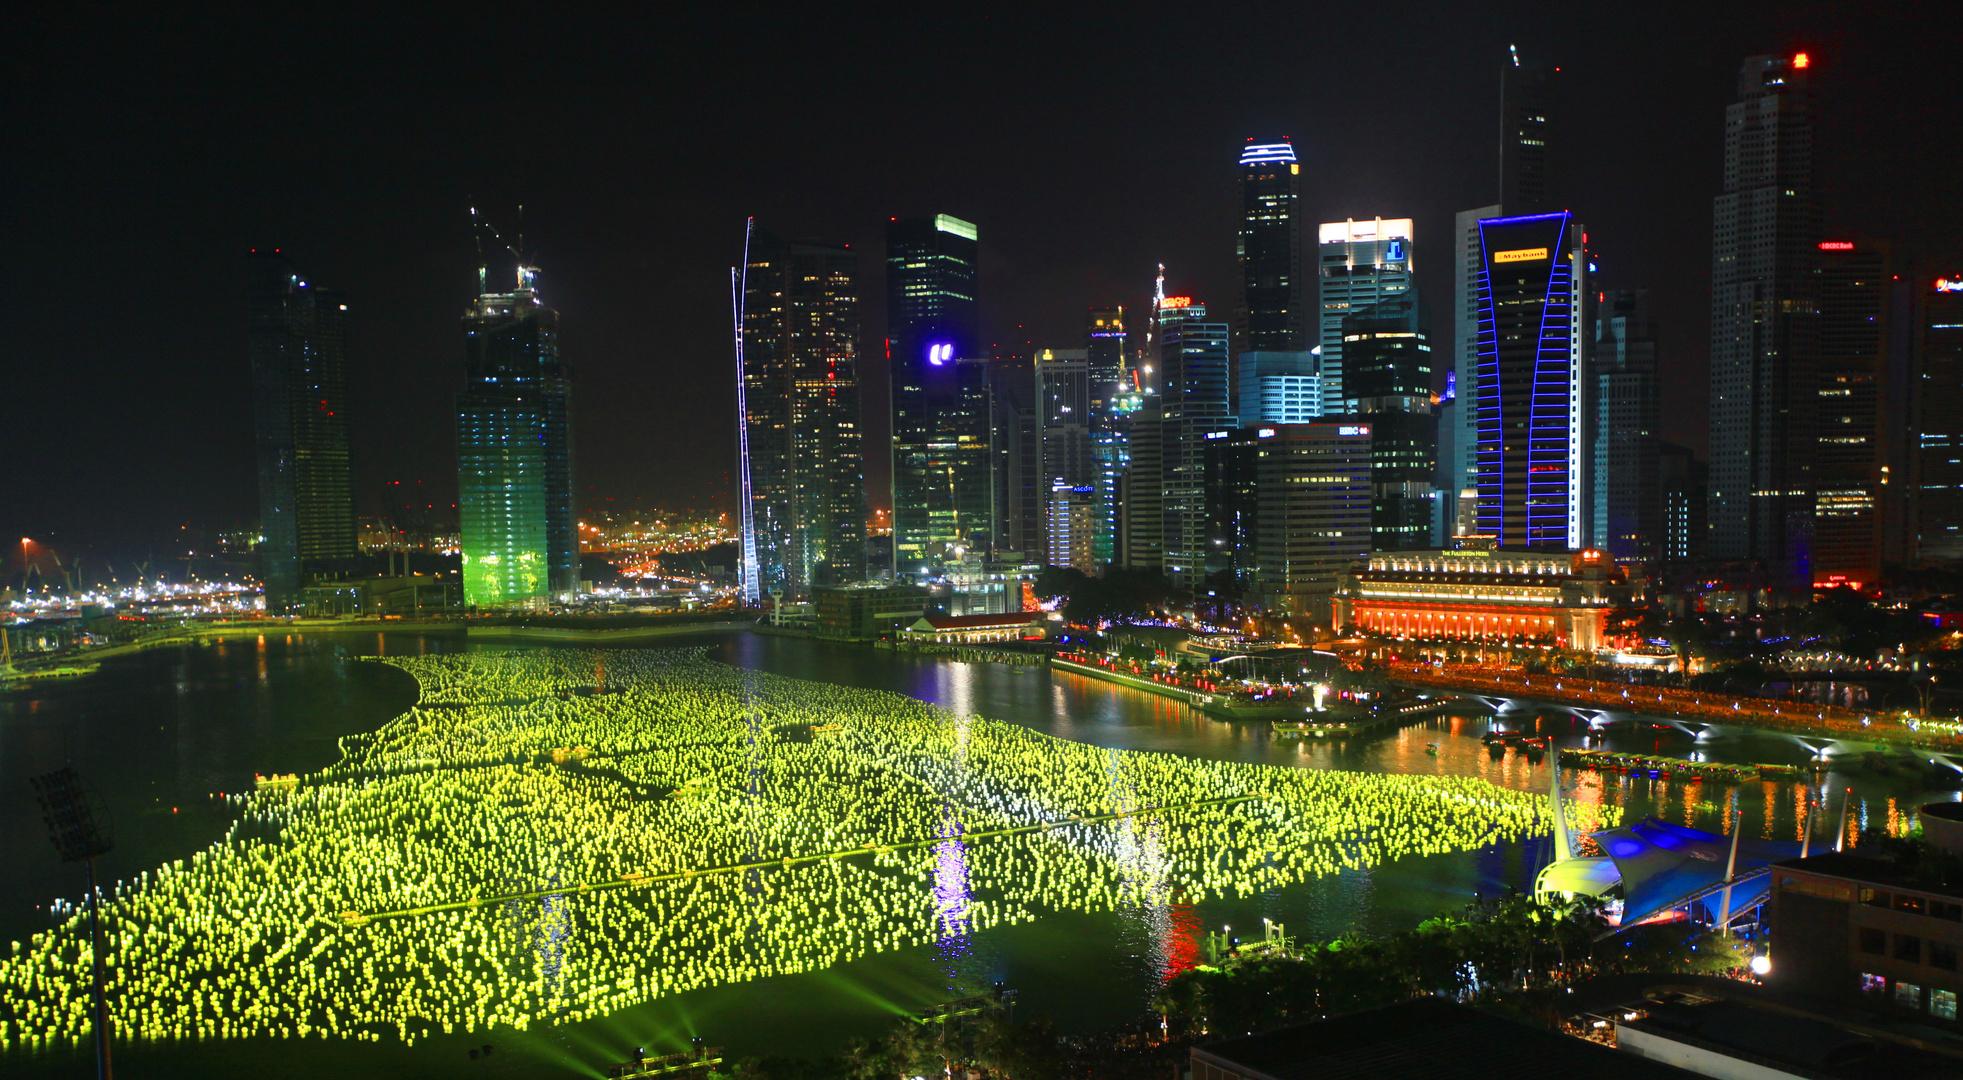 Singapur Hafen wenige Minuten vor Neujahr